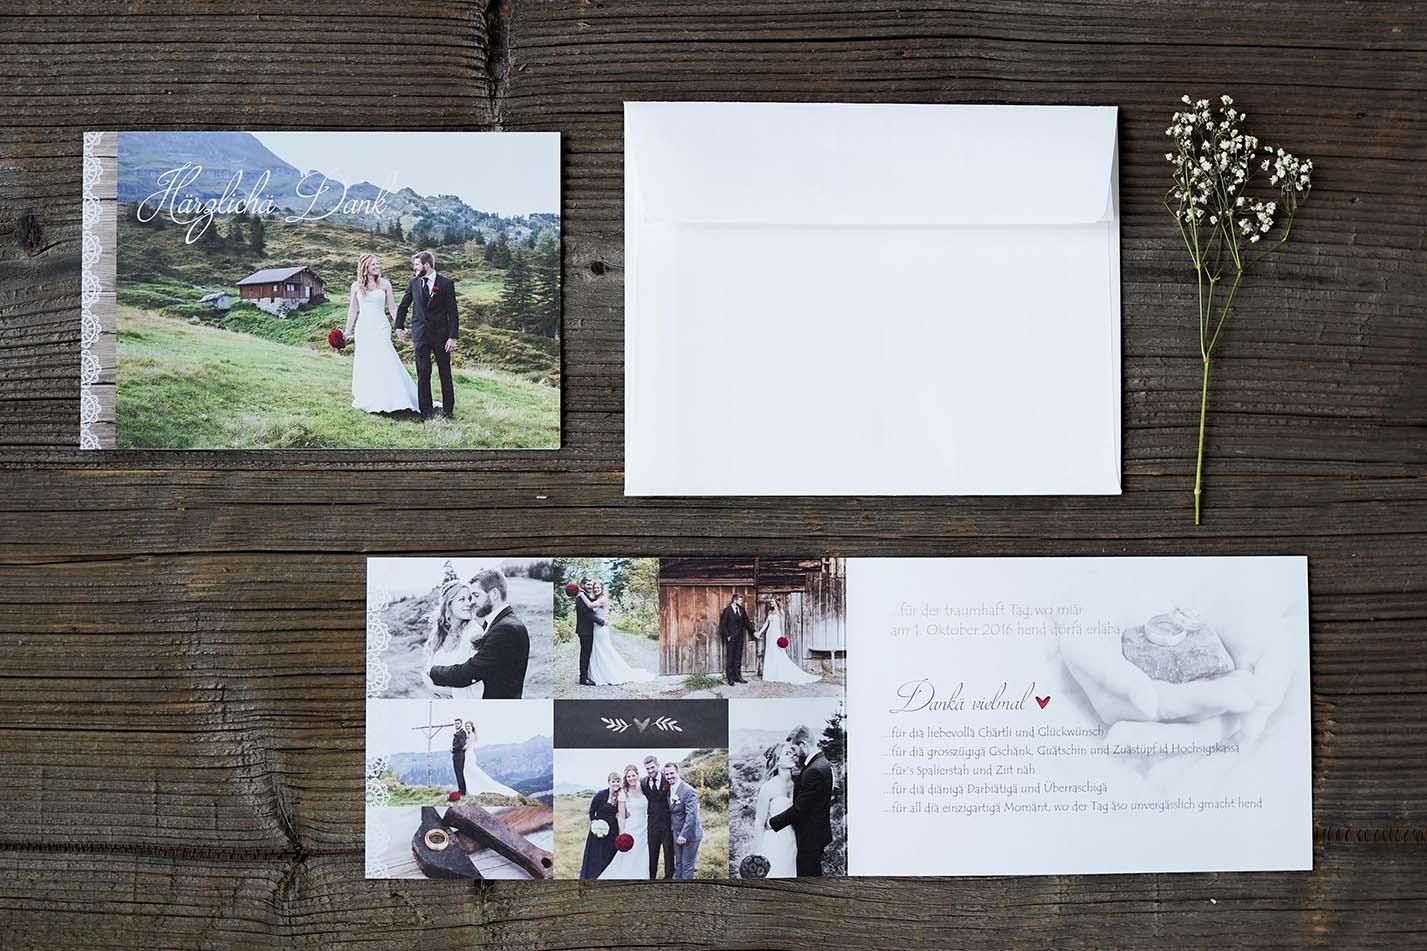 Hochzeitsdankeskarte Daniel & Luzia